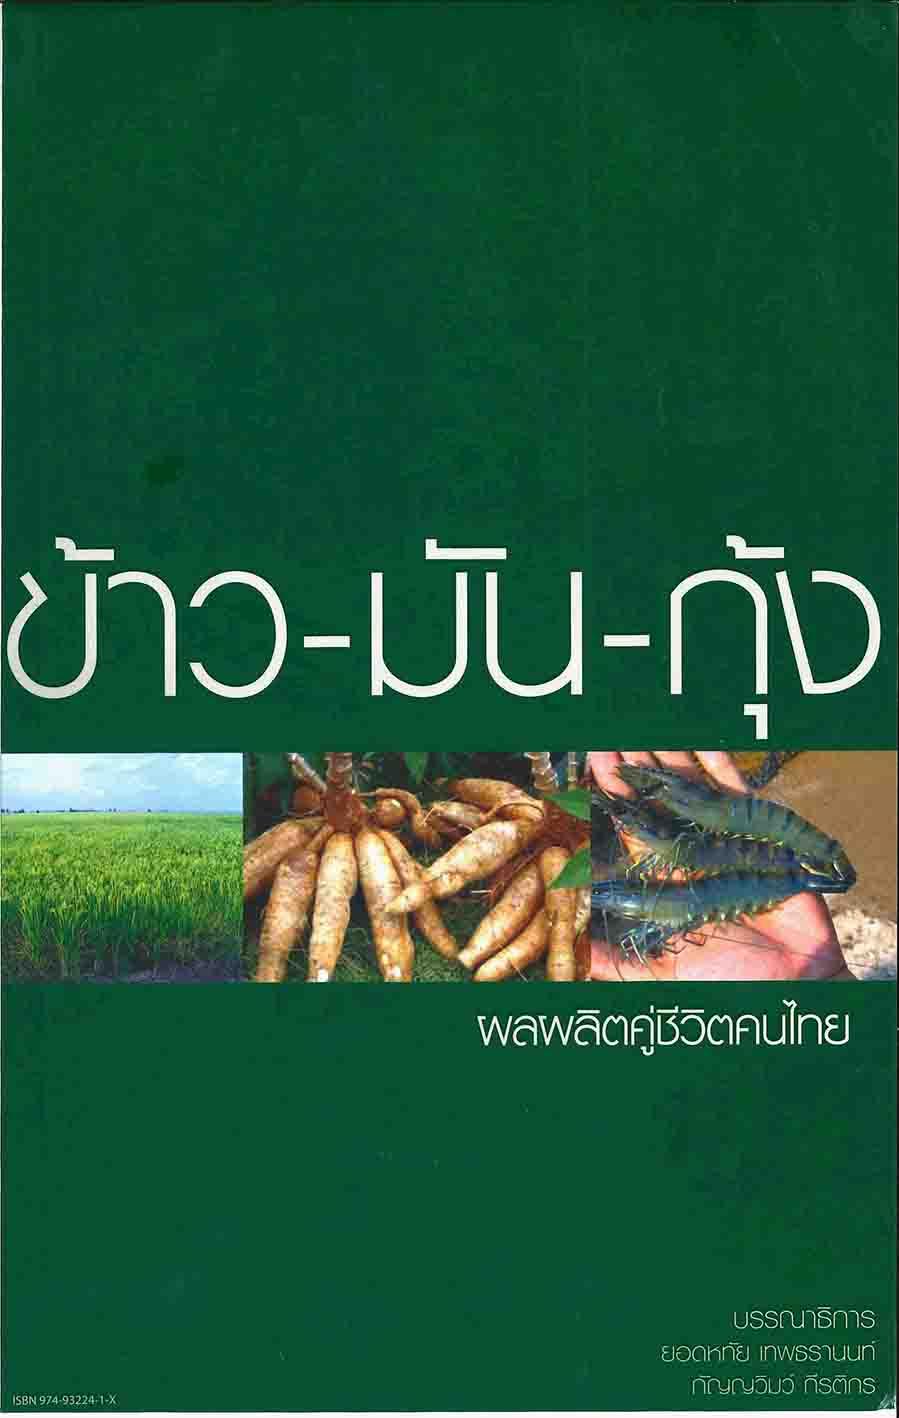 ข้าว-มัน-กุ้ง ผลผลิตคู่ชีวิตคนไทย